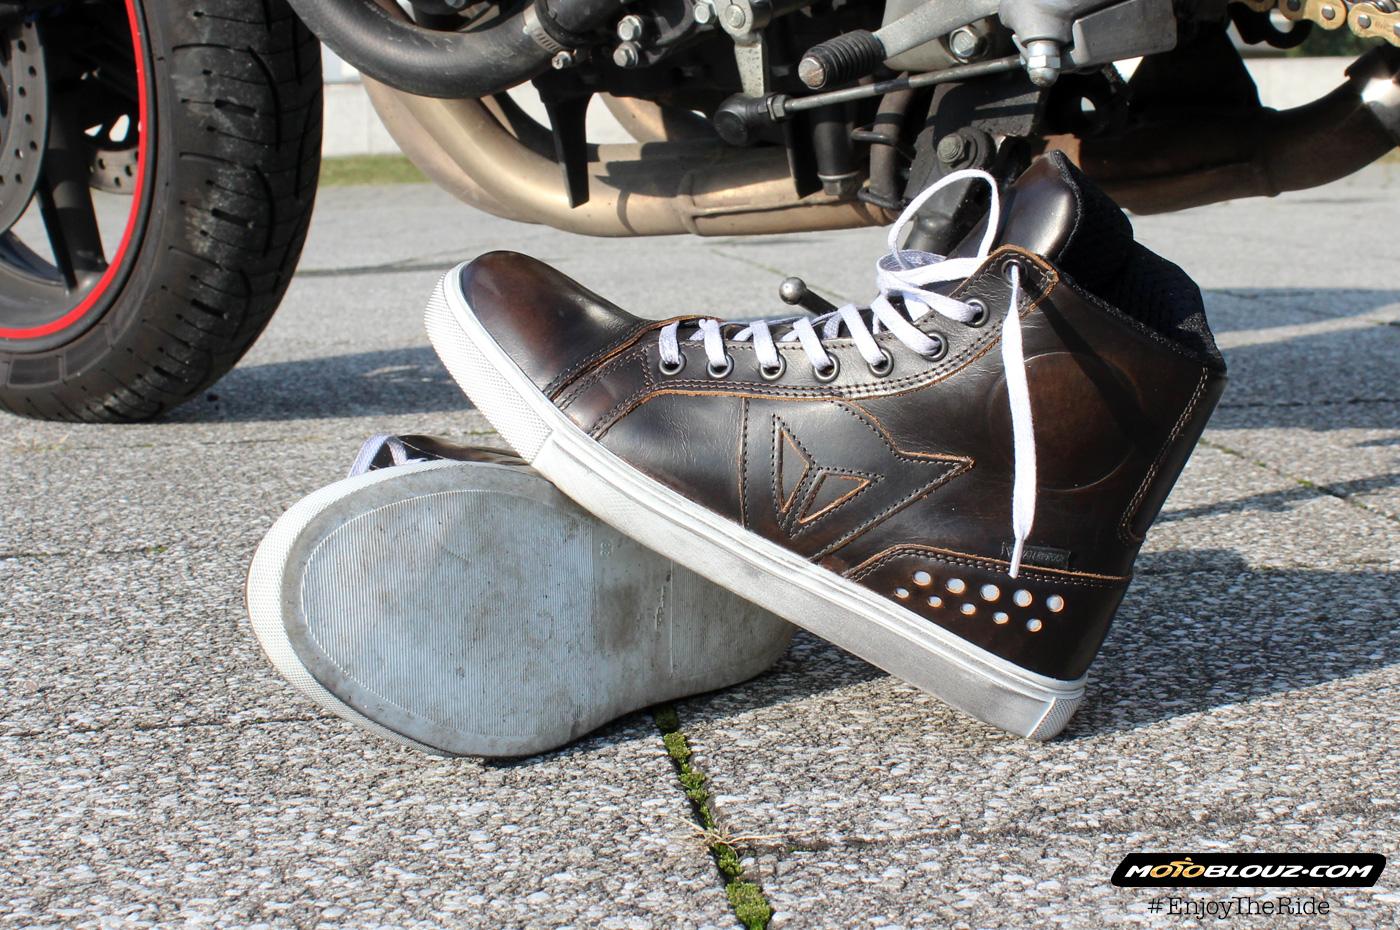 Si estáis buscando unas zapatillas que no sean unos mazacotes y que no tengan pinta de calzado para moto, las zapatillas Dainese Street Rocker D-WP están hechas para vosotros.